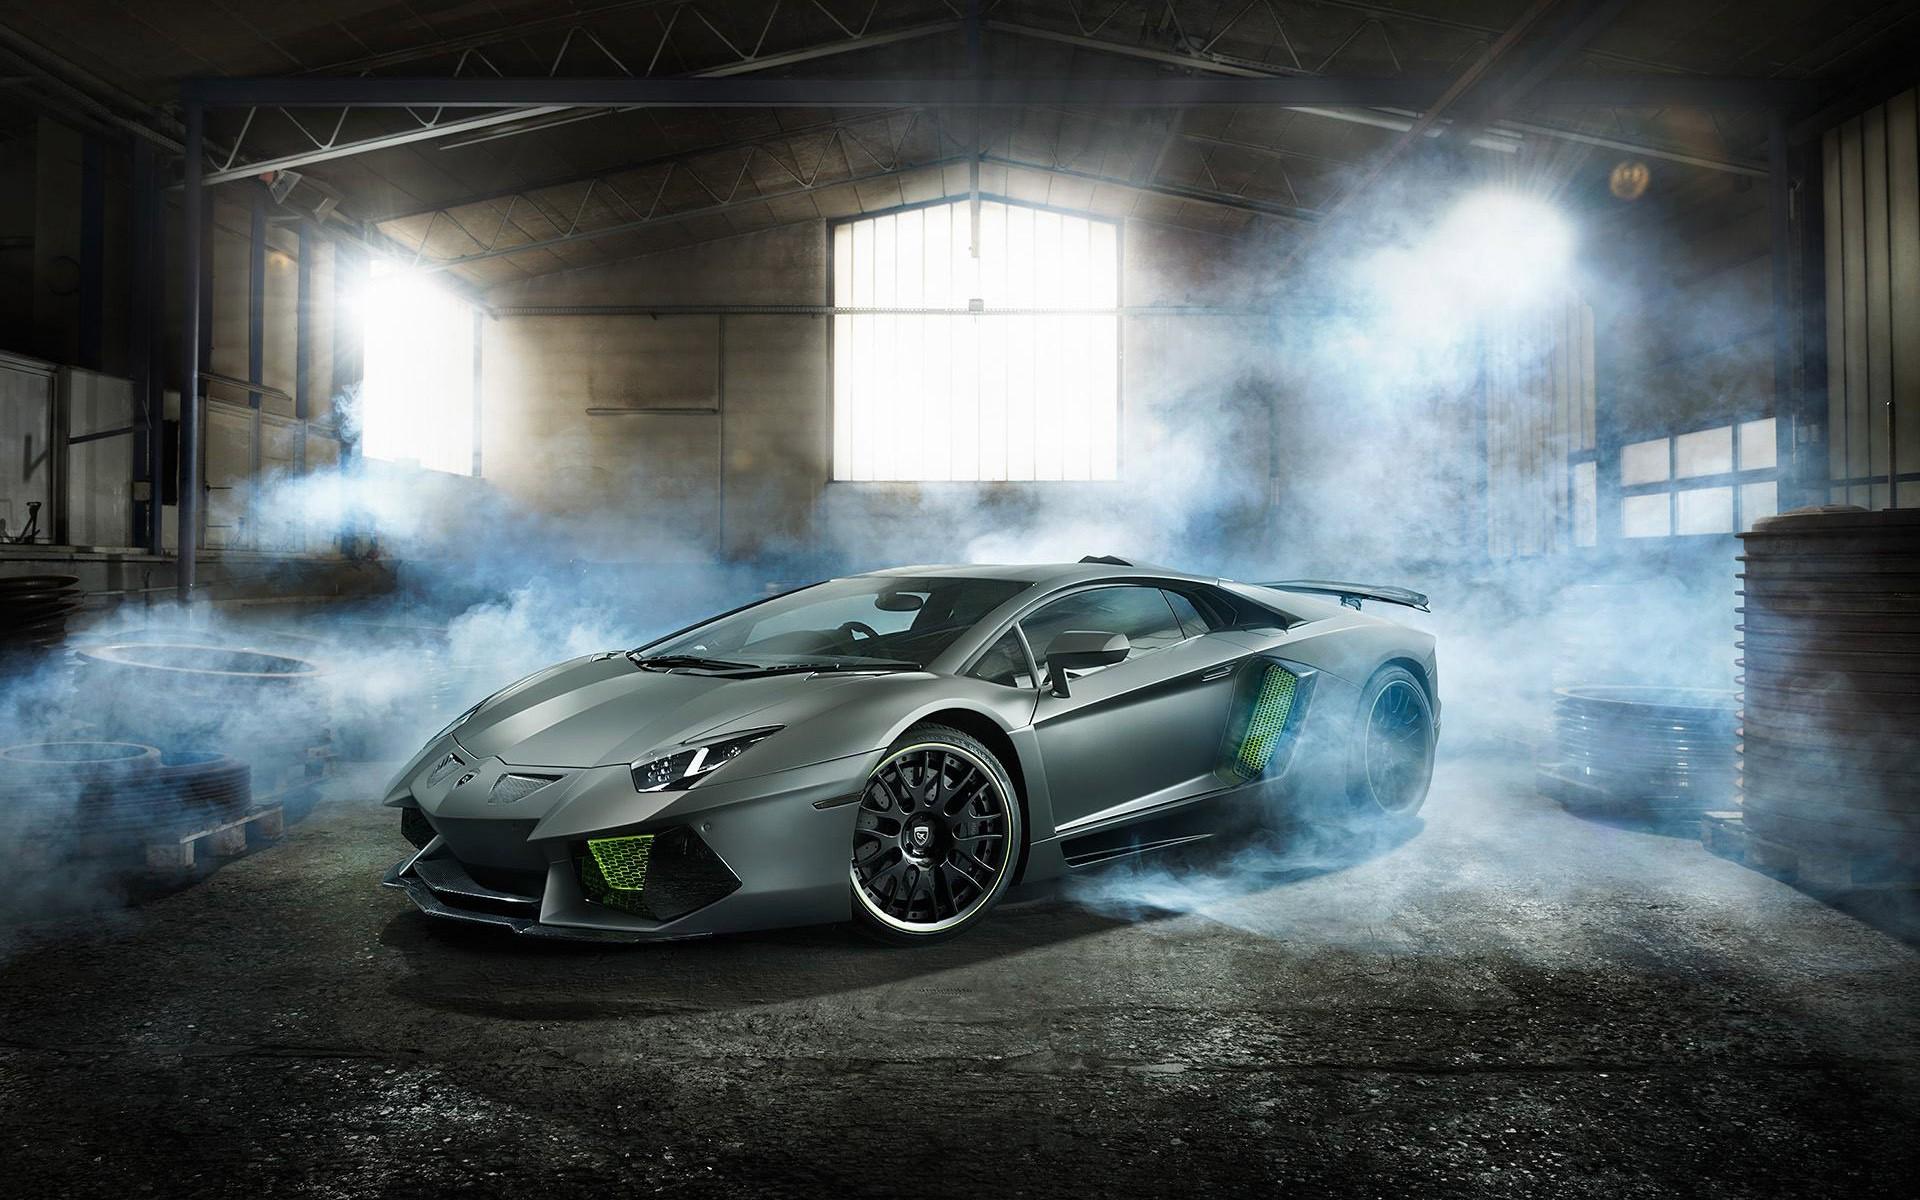 Sports Car Wallpaper Lamborghini 3d 3840x2160 Lamborghini Aventador Desktop Hd 4k Hd 4k